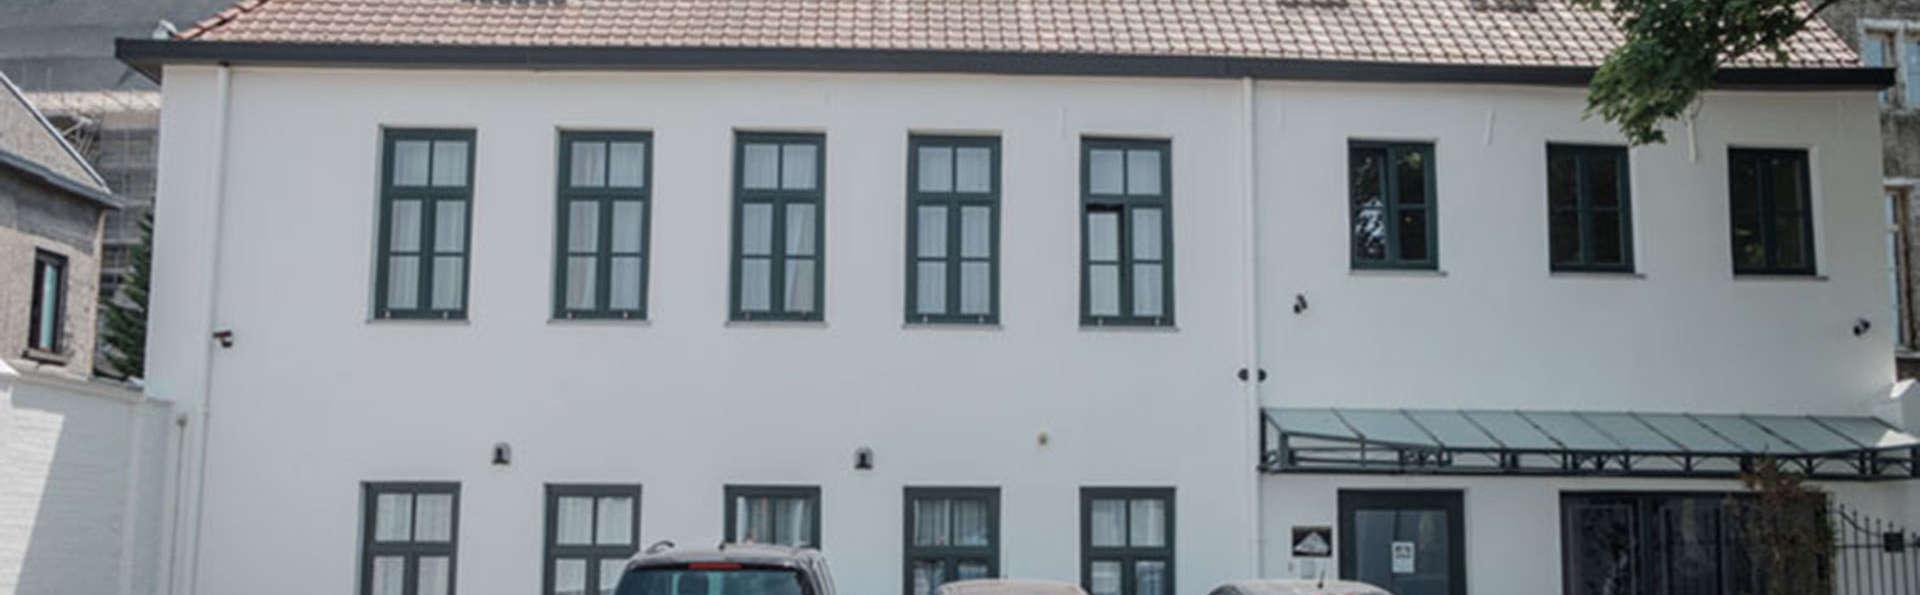 Hotel Brouwerij Het Anker - EDIT_HOTEL_BROUWERIJ_HET_ANKER_5.jpg